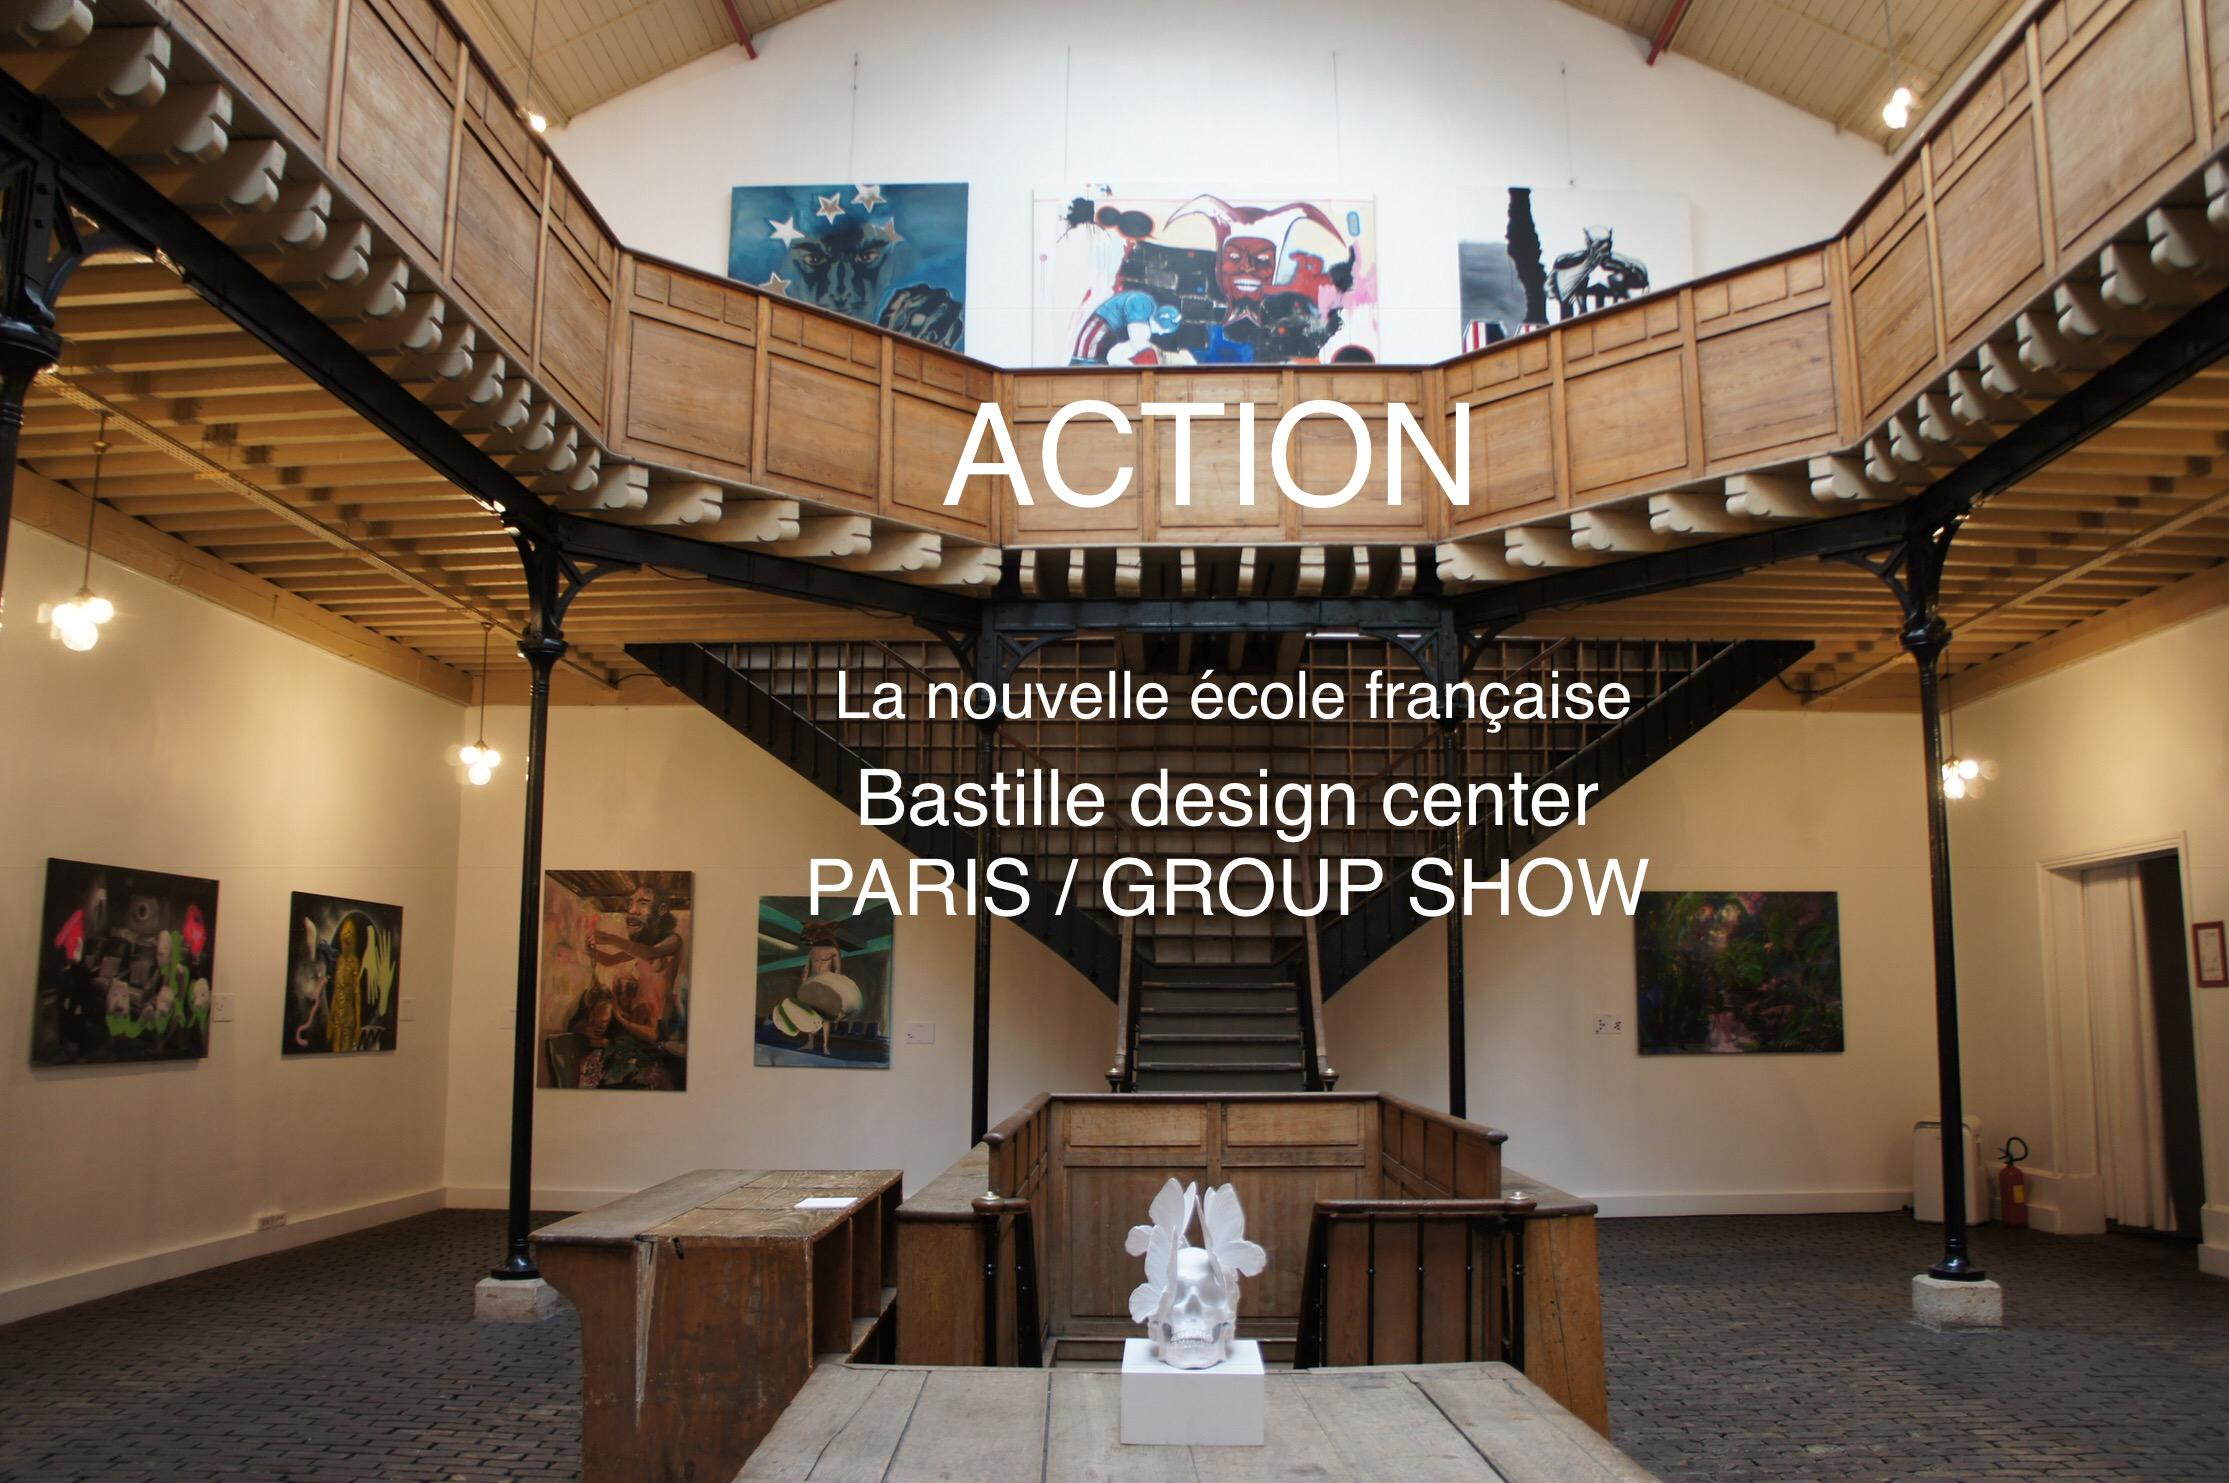 la nouvelle école française, group show